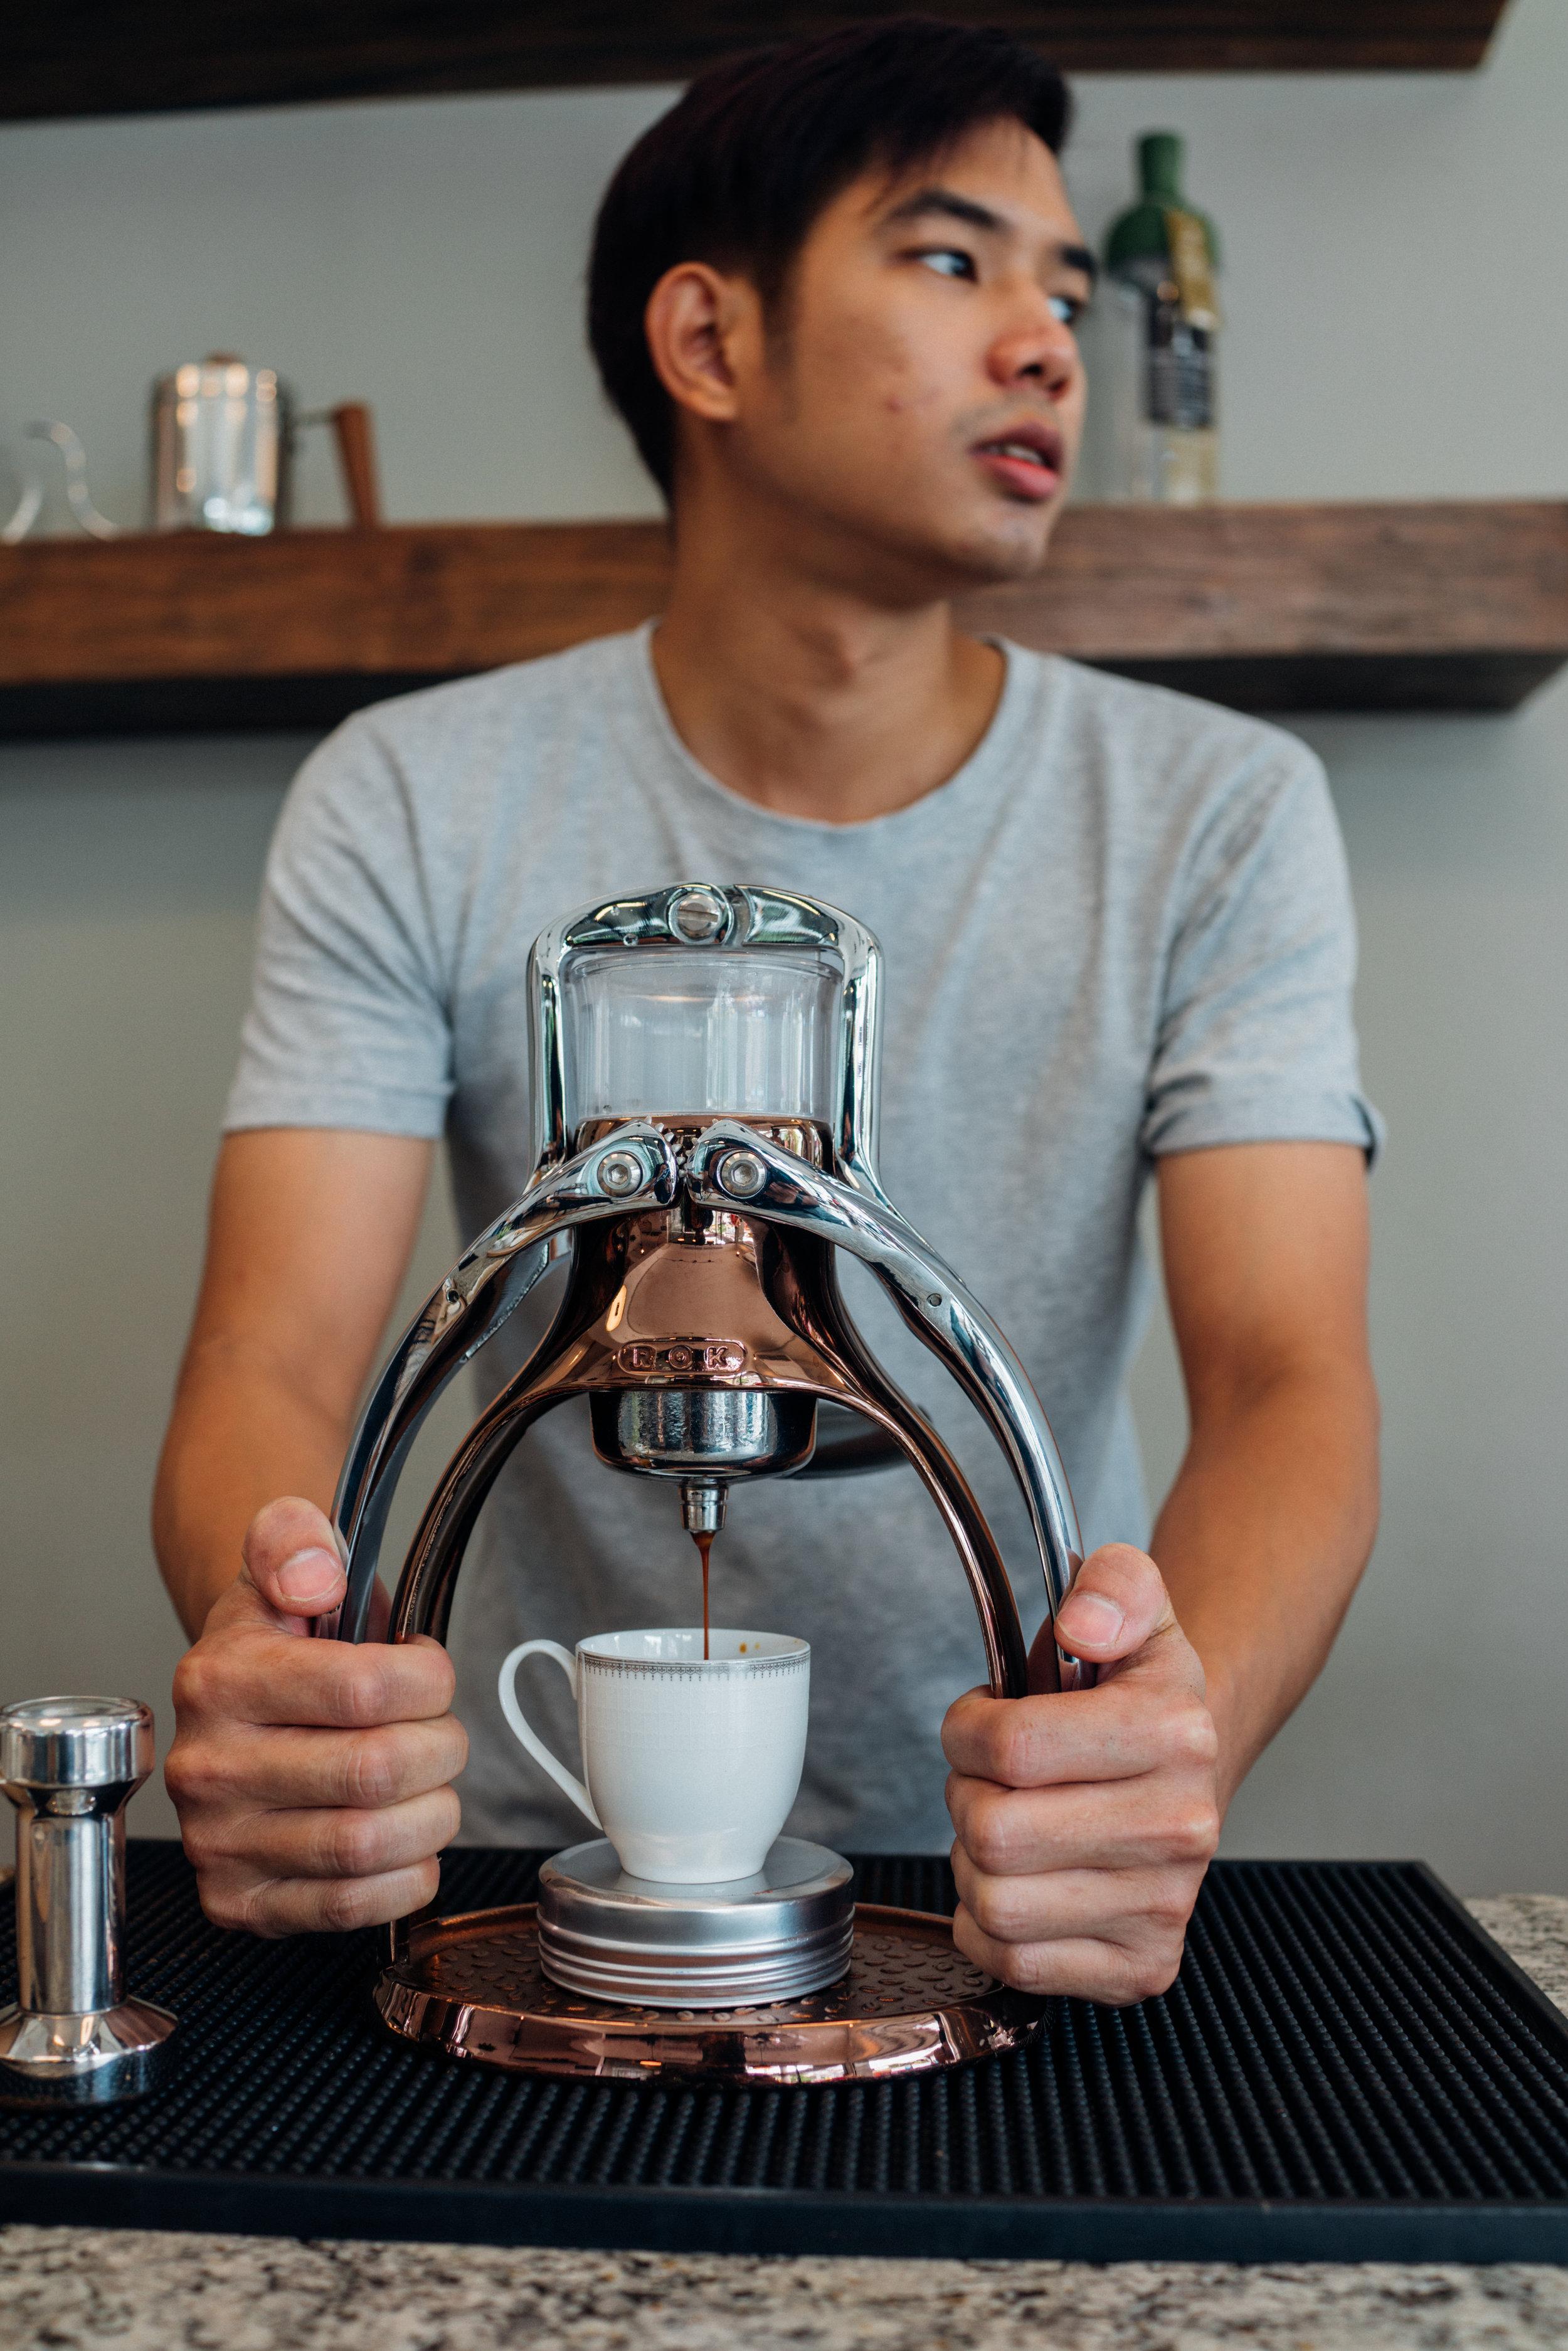 A ROK Presso to pull espresso shots